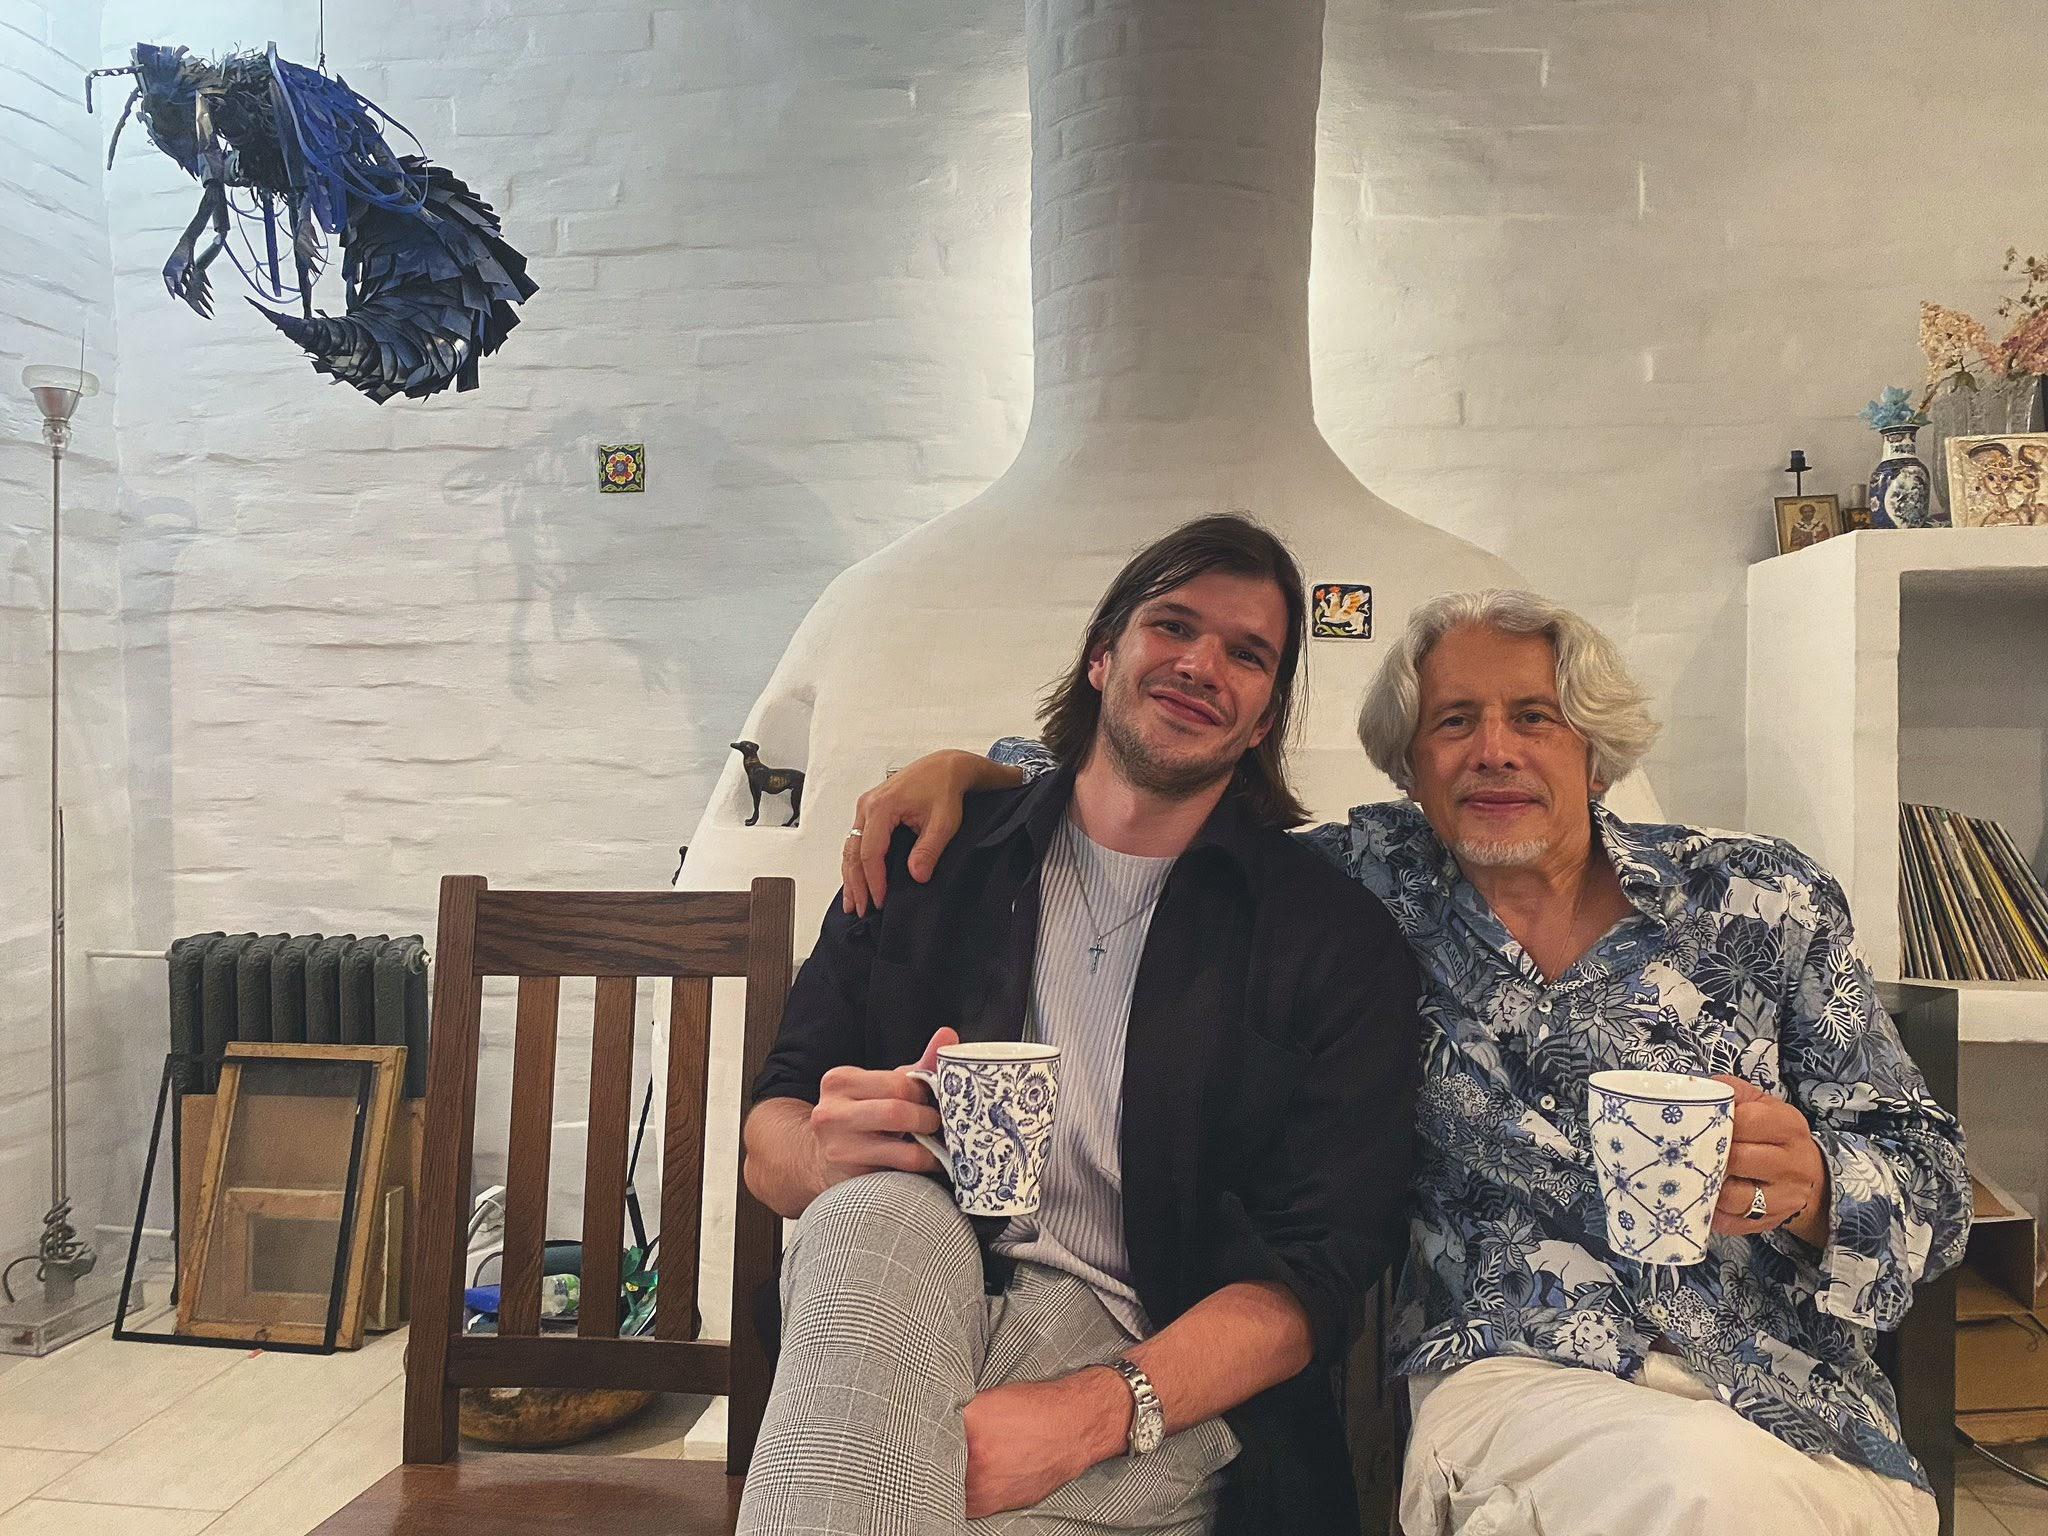 Владимир Сорокин + Max Lawton